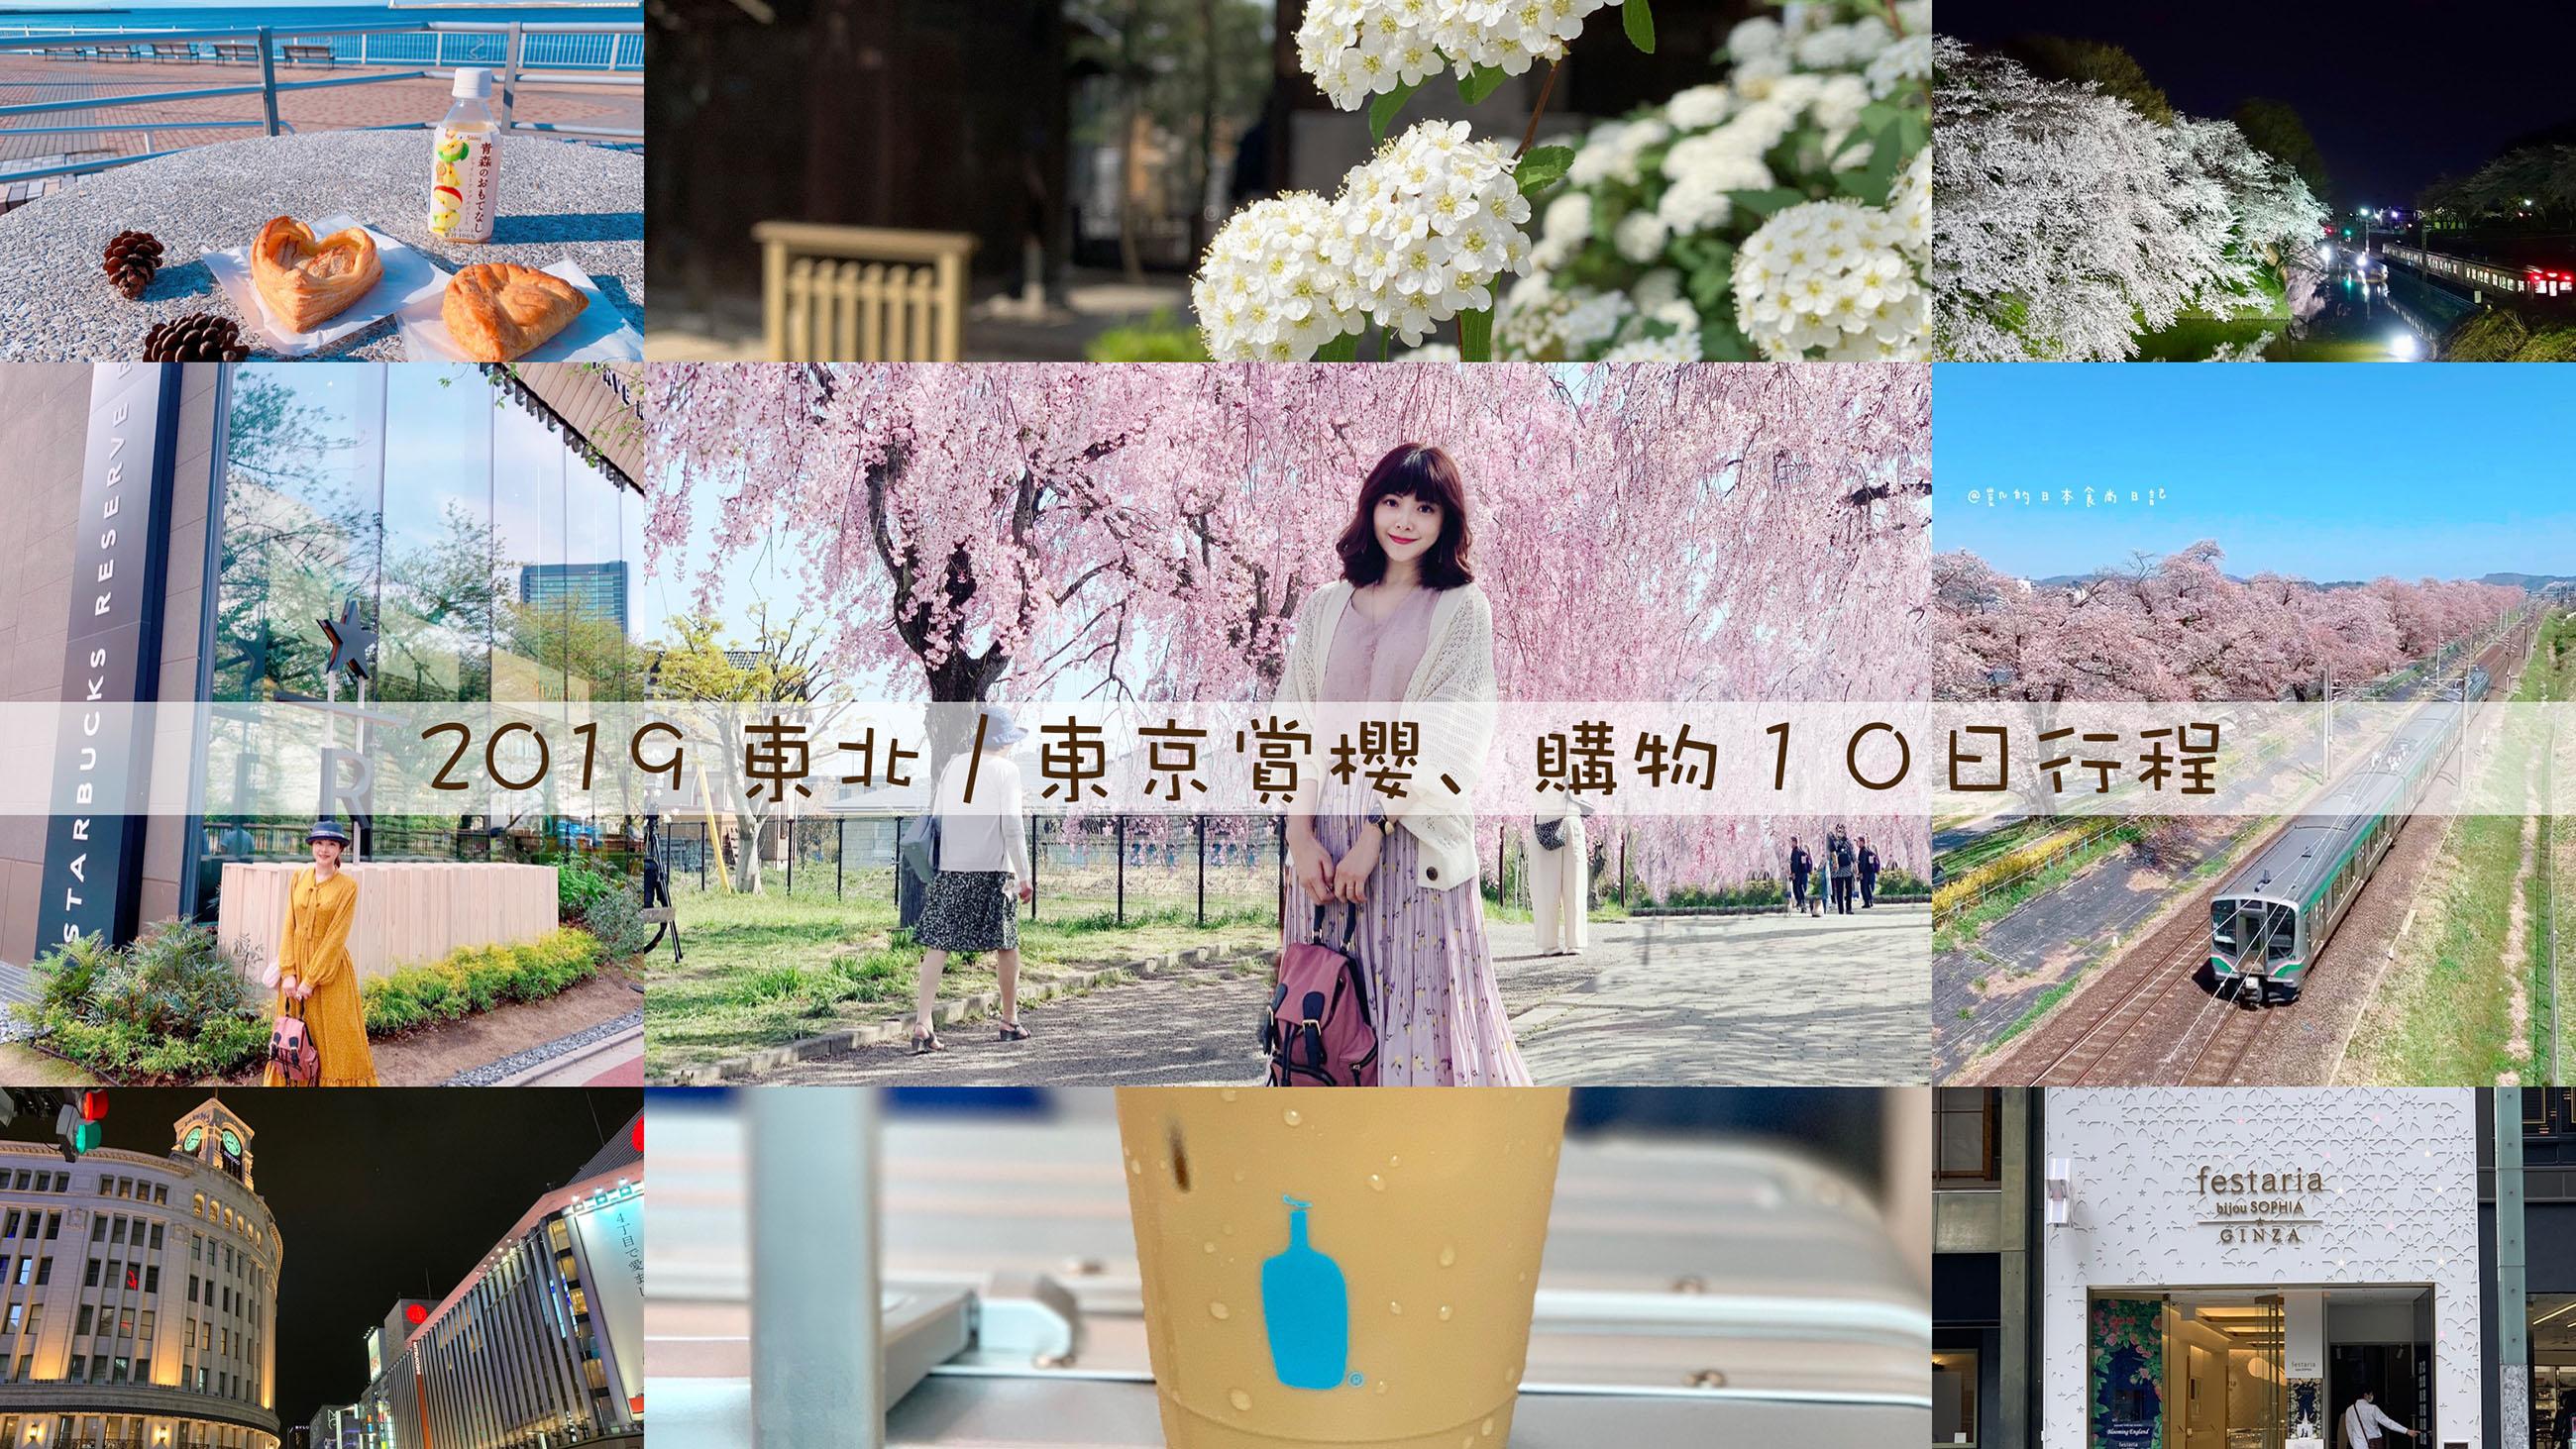 ☆【2019。東北 / 東京女子旅】賞櫻、購物、美食兼具的10天9夜行程表 @凱的日本食尚日記